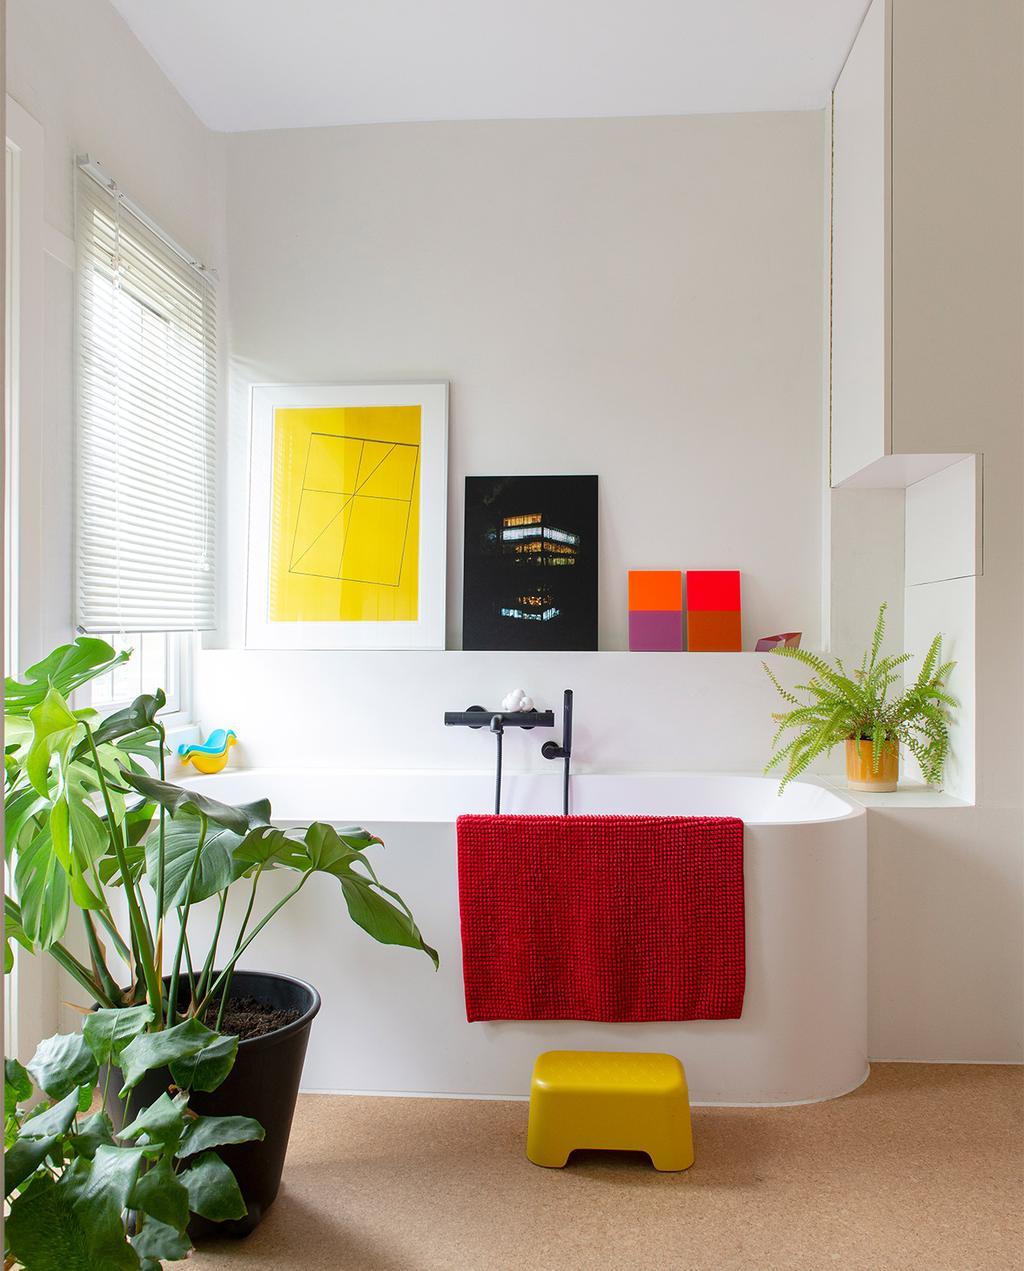 vtwonen 07-2021 | badkamer met primaire kleuren, met een rode badmat en planten